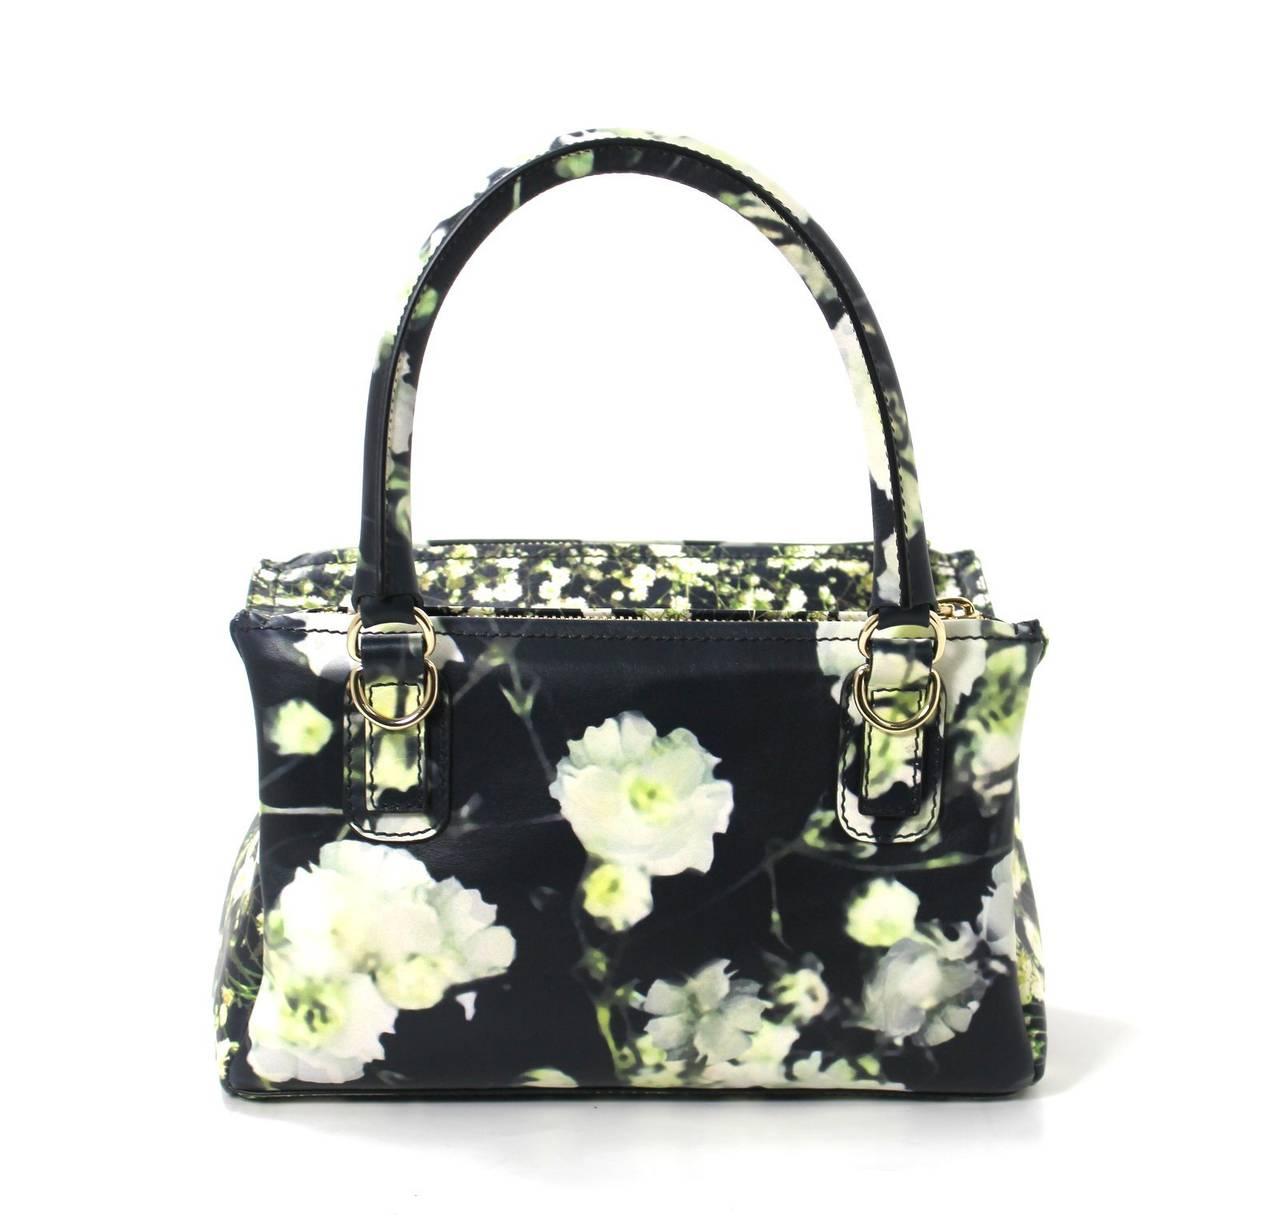 Givenchy Black Leather Babys Breath Pandora Messenger Bag 2